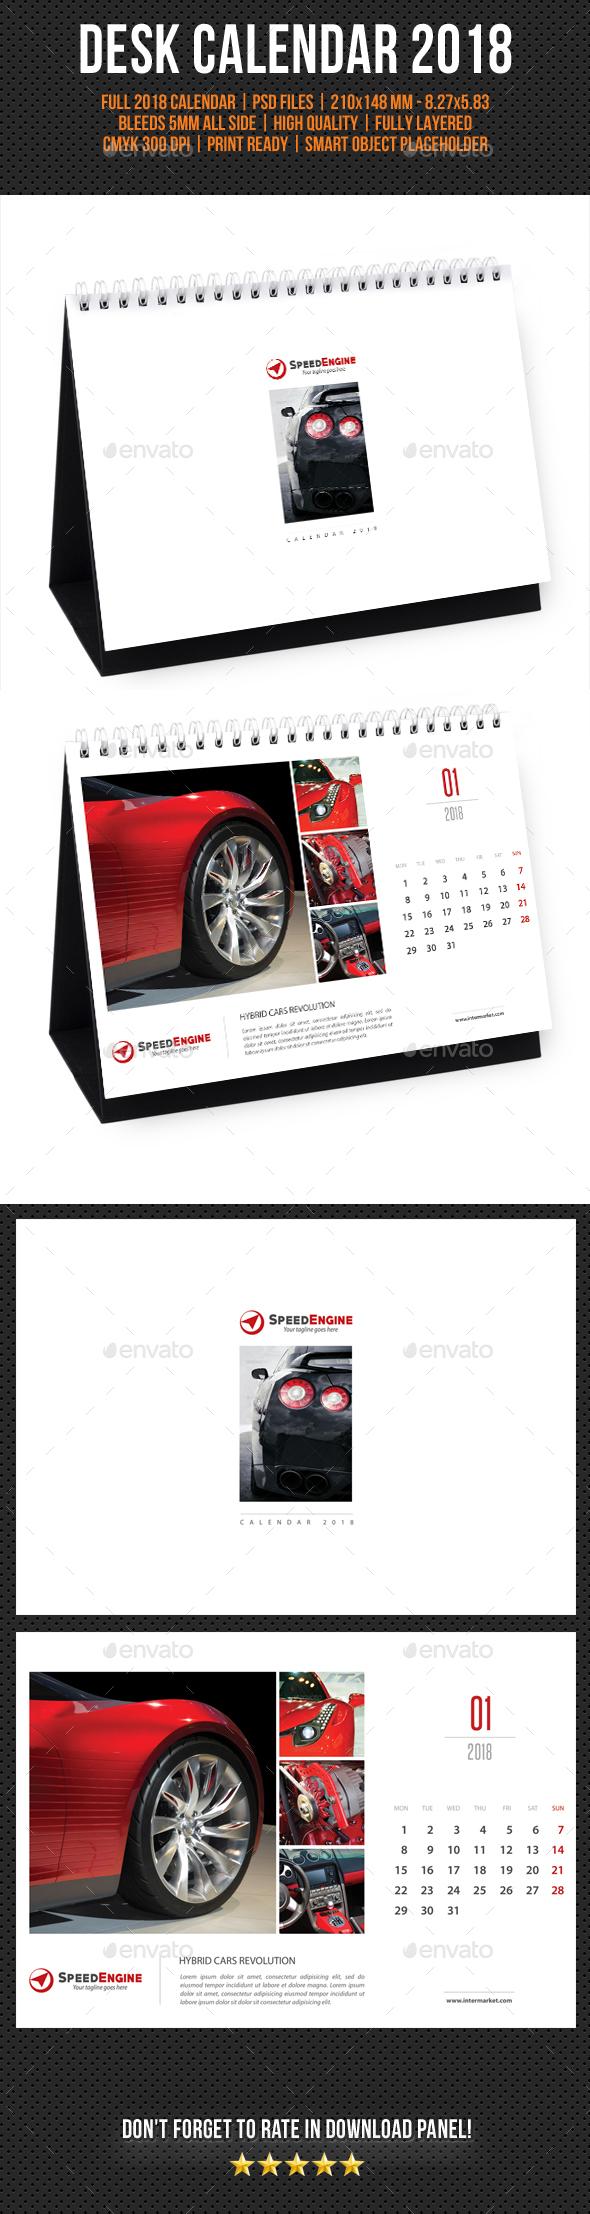 Creative Desk Calendar 2018 V02 - Calendars Stationery